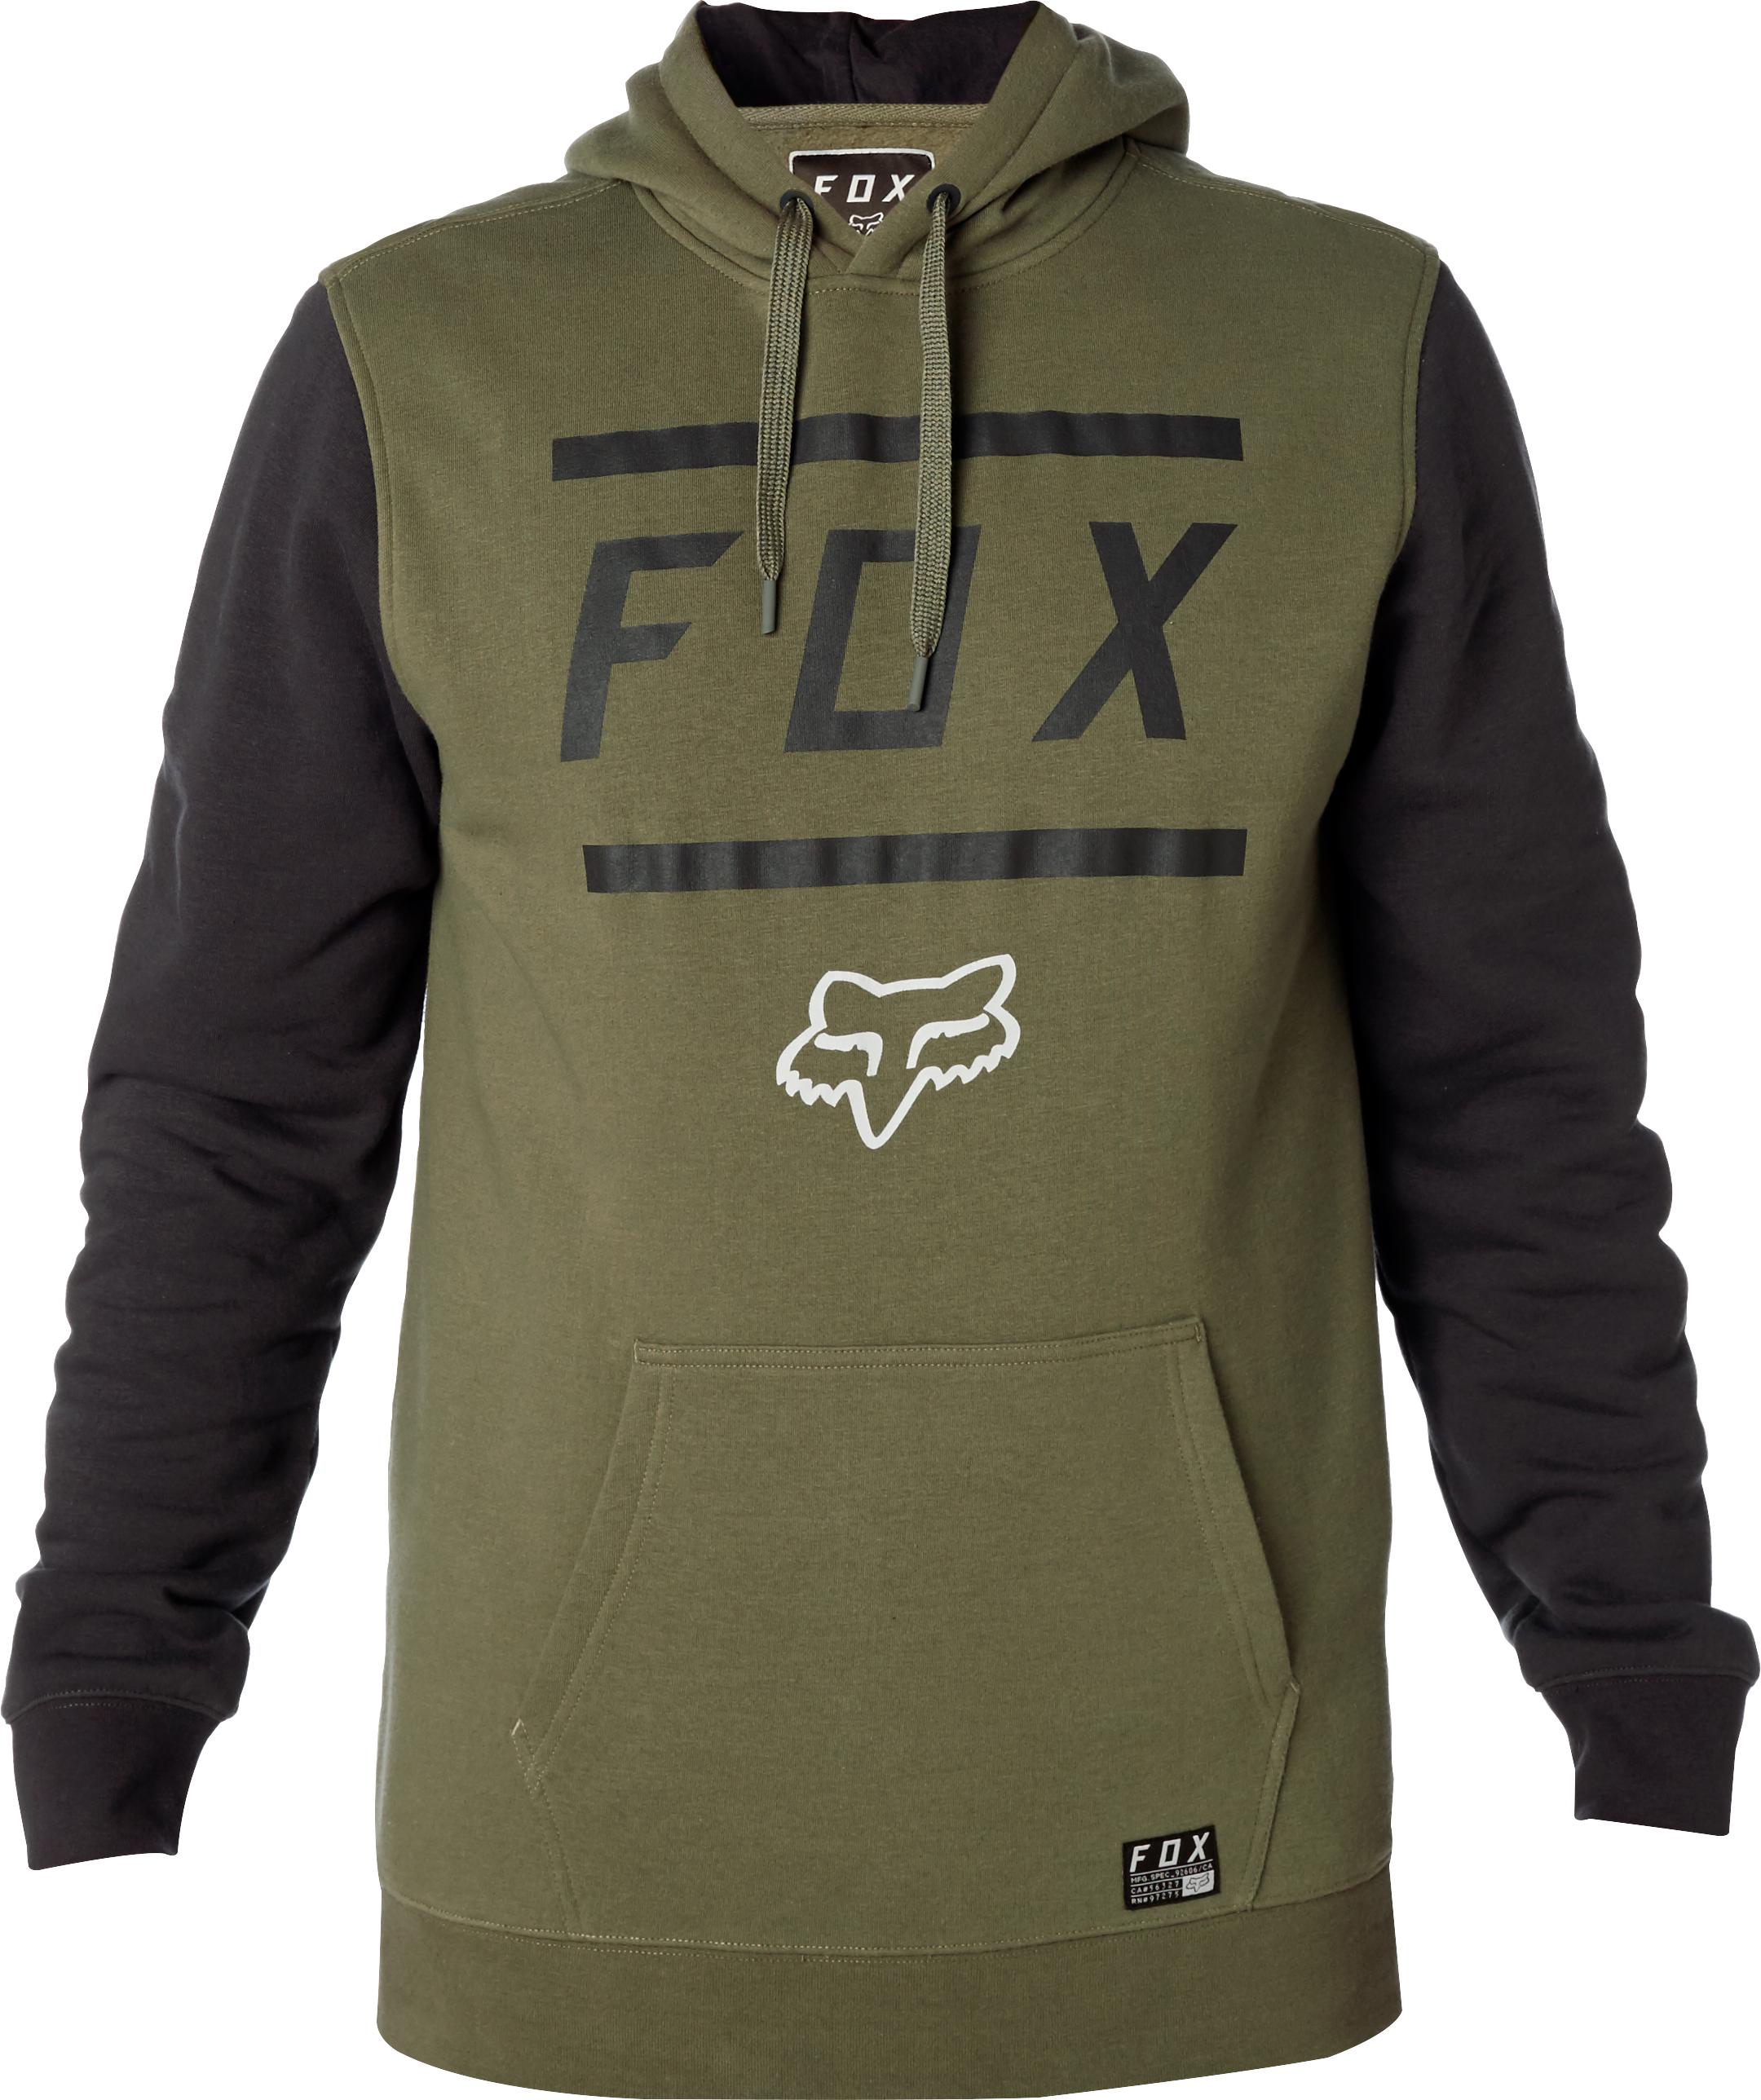 c26541de3a00 Fox Listless Pull Over Fleece Fatigue Green £44.99